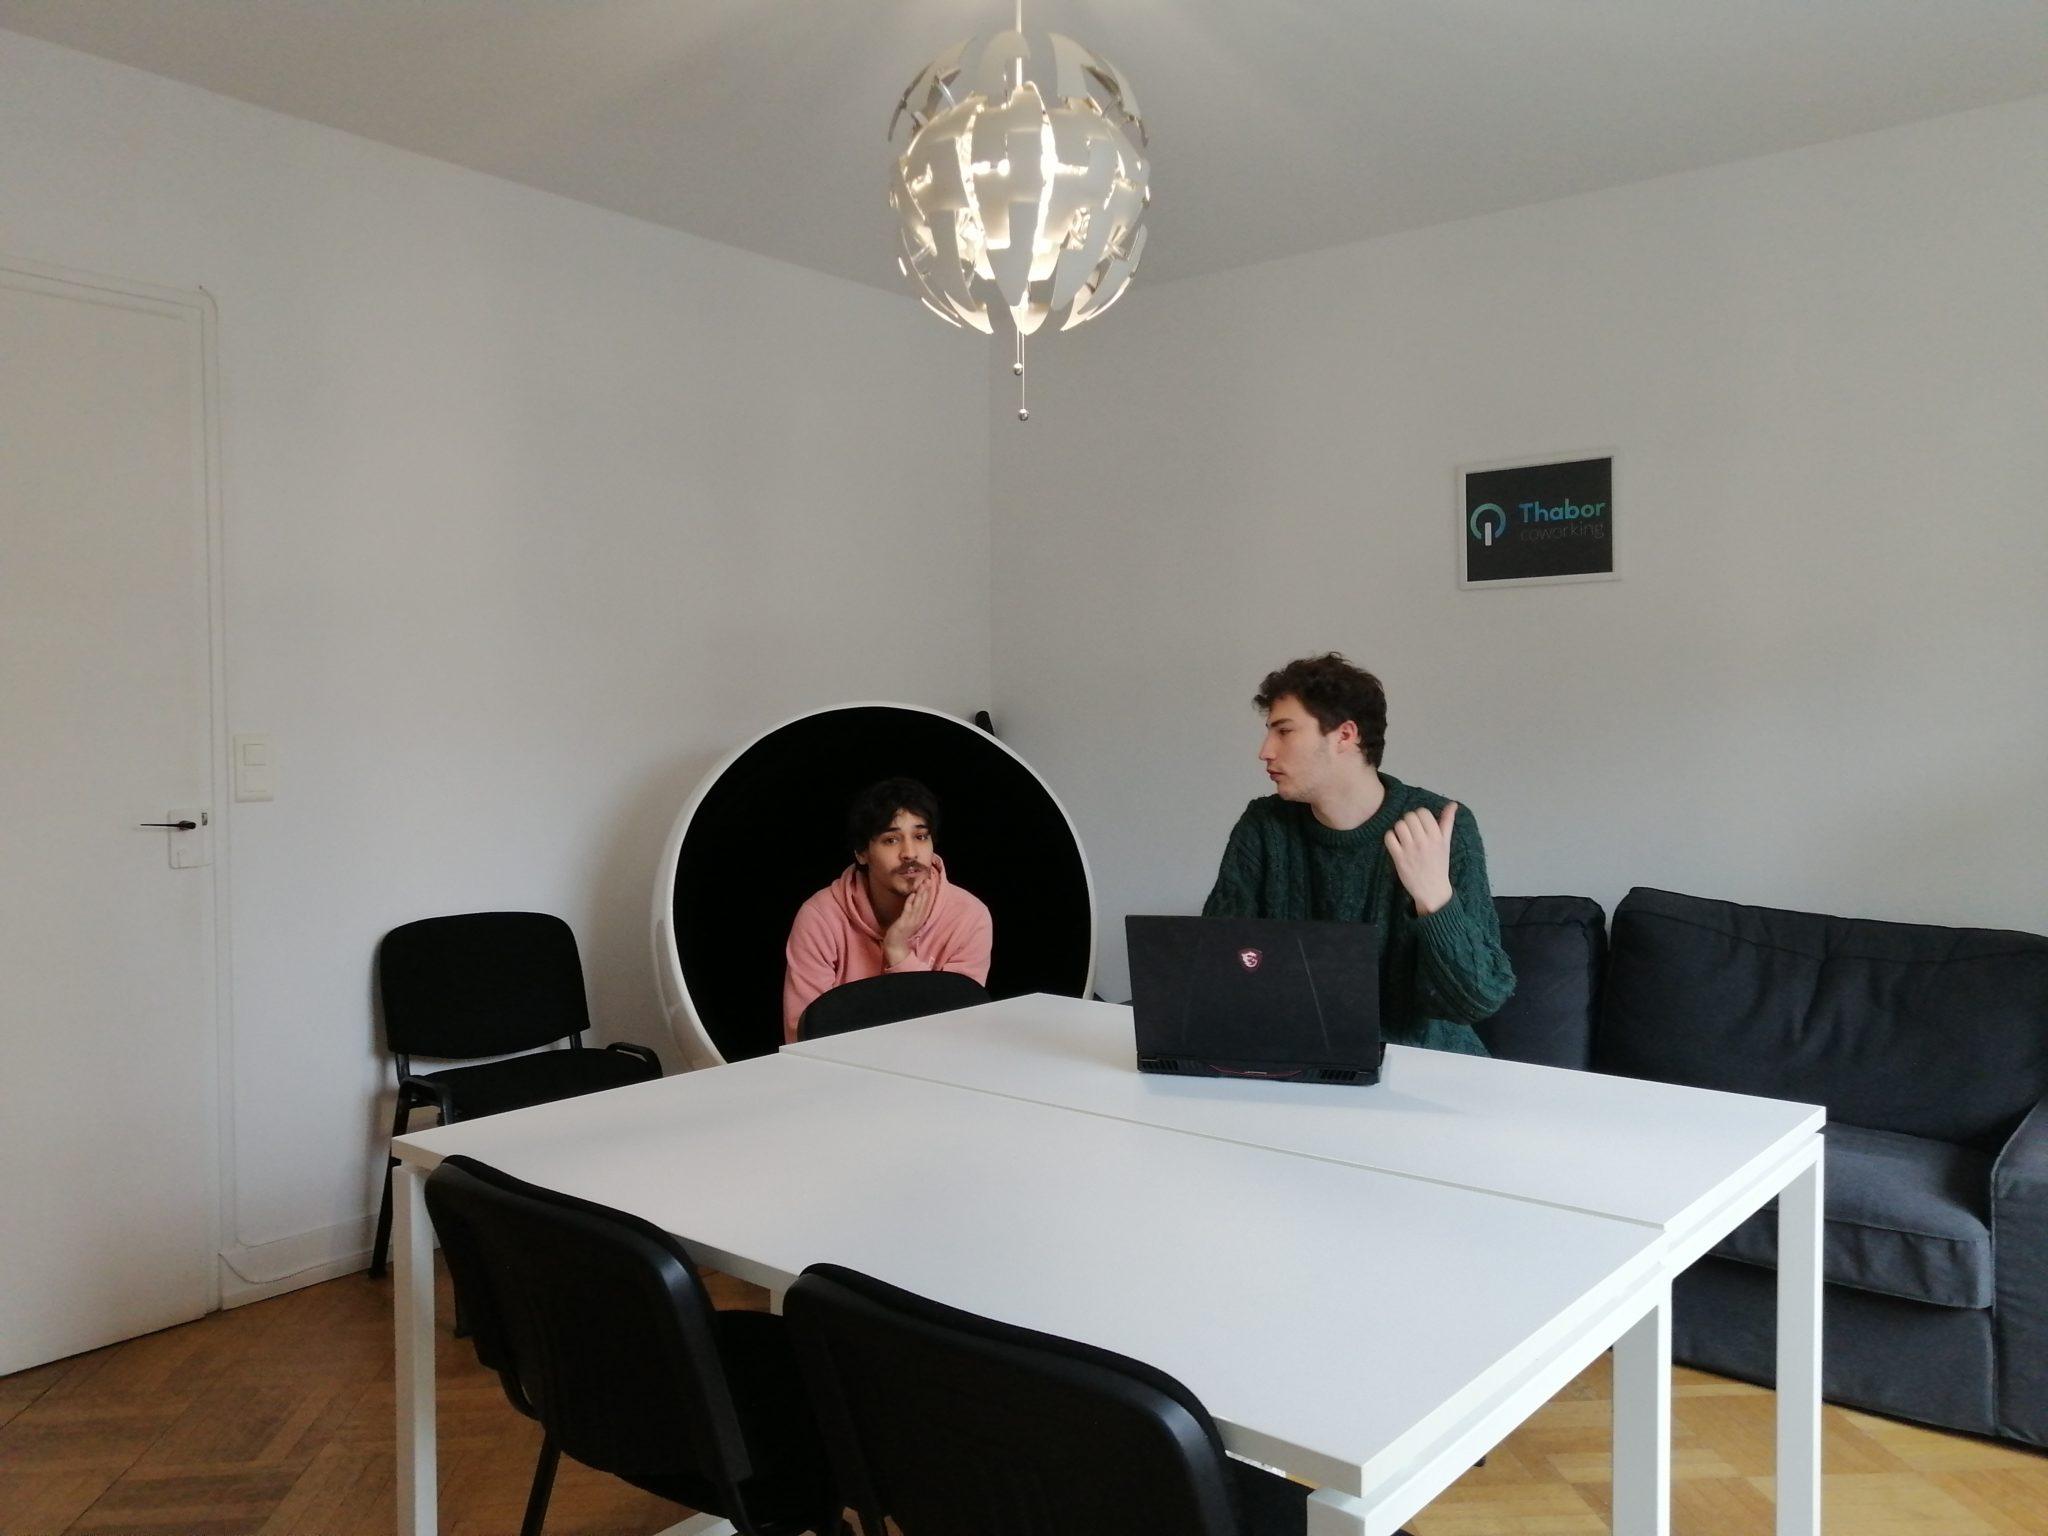 société de production vidéo a Rennes